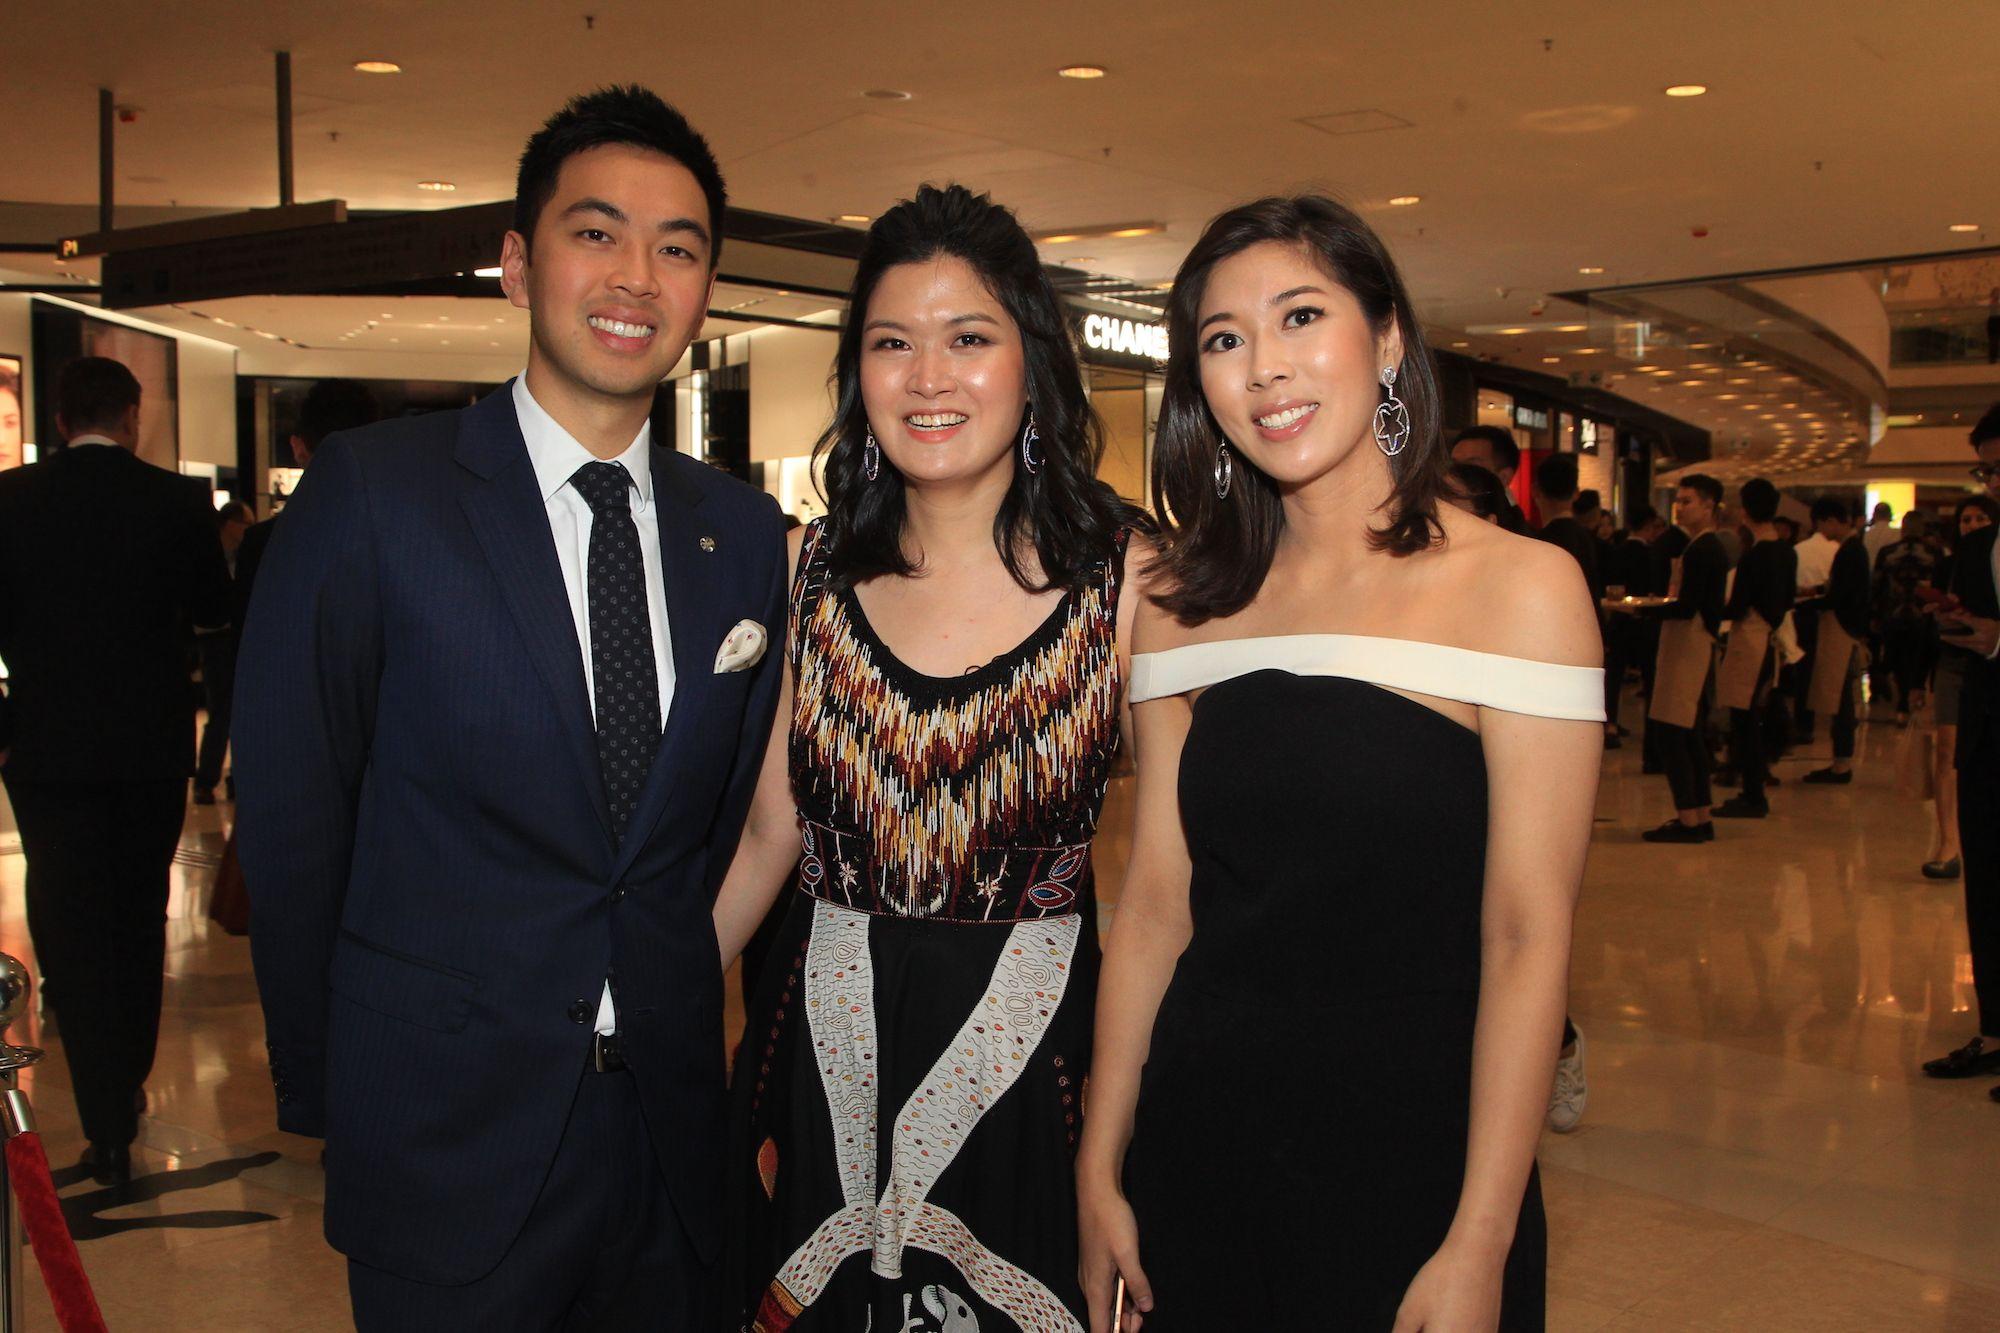 Adrian Cheung, Jennifer Cheung, Amanda Cheung